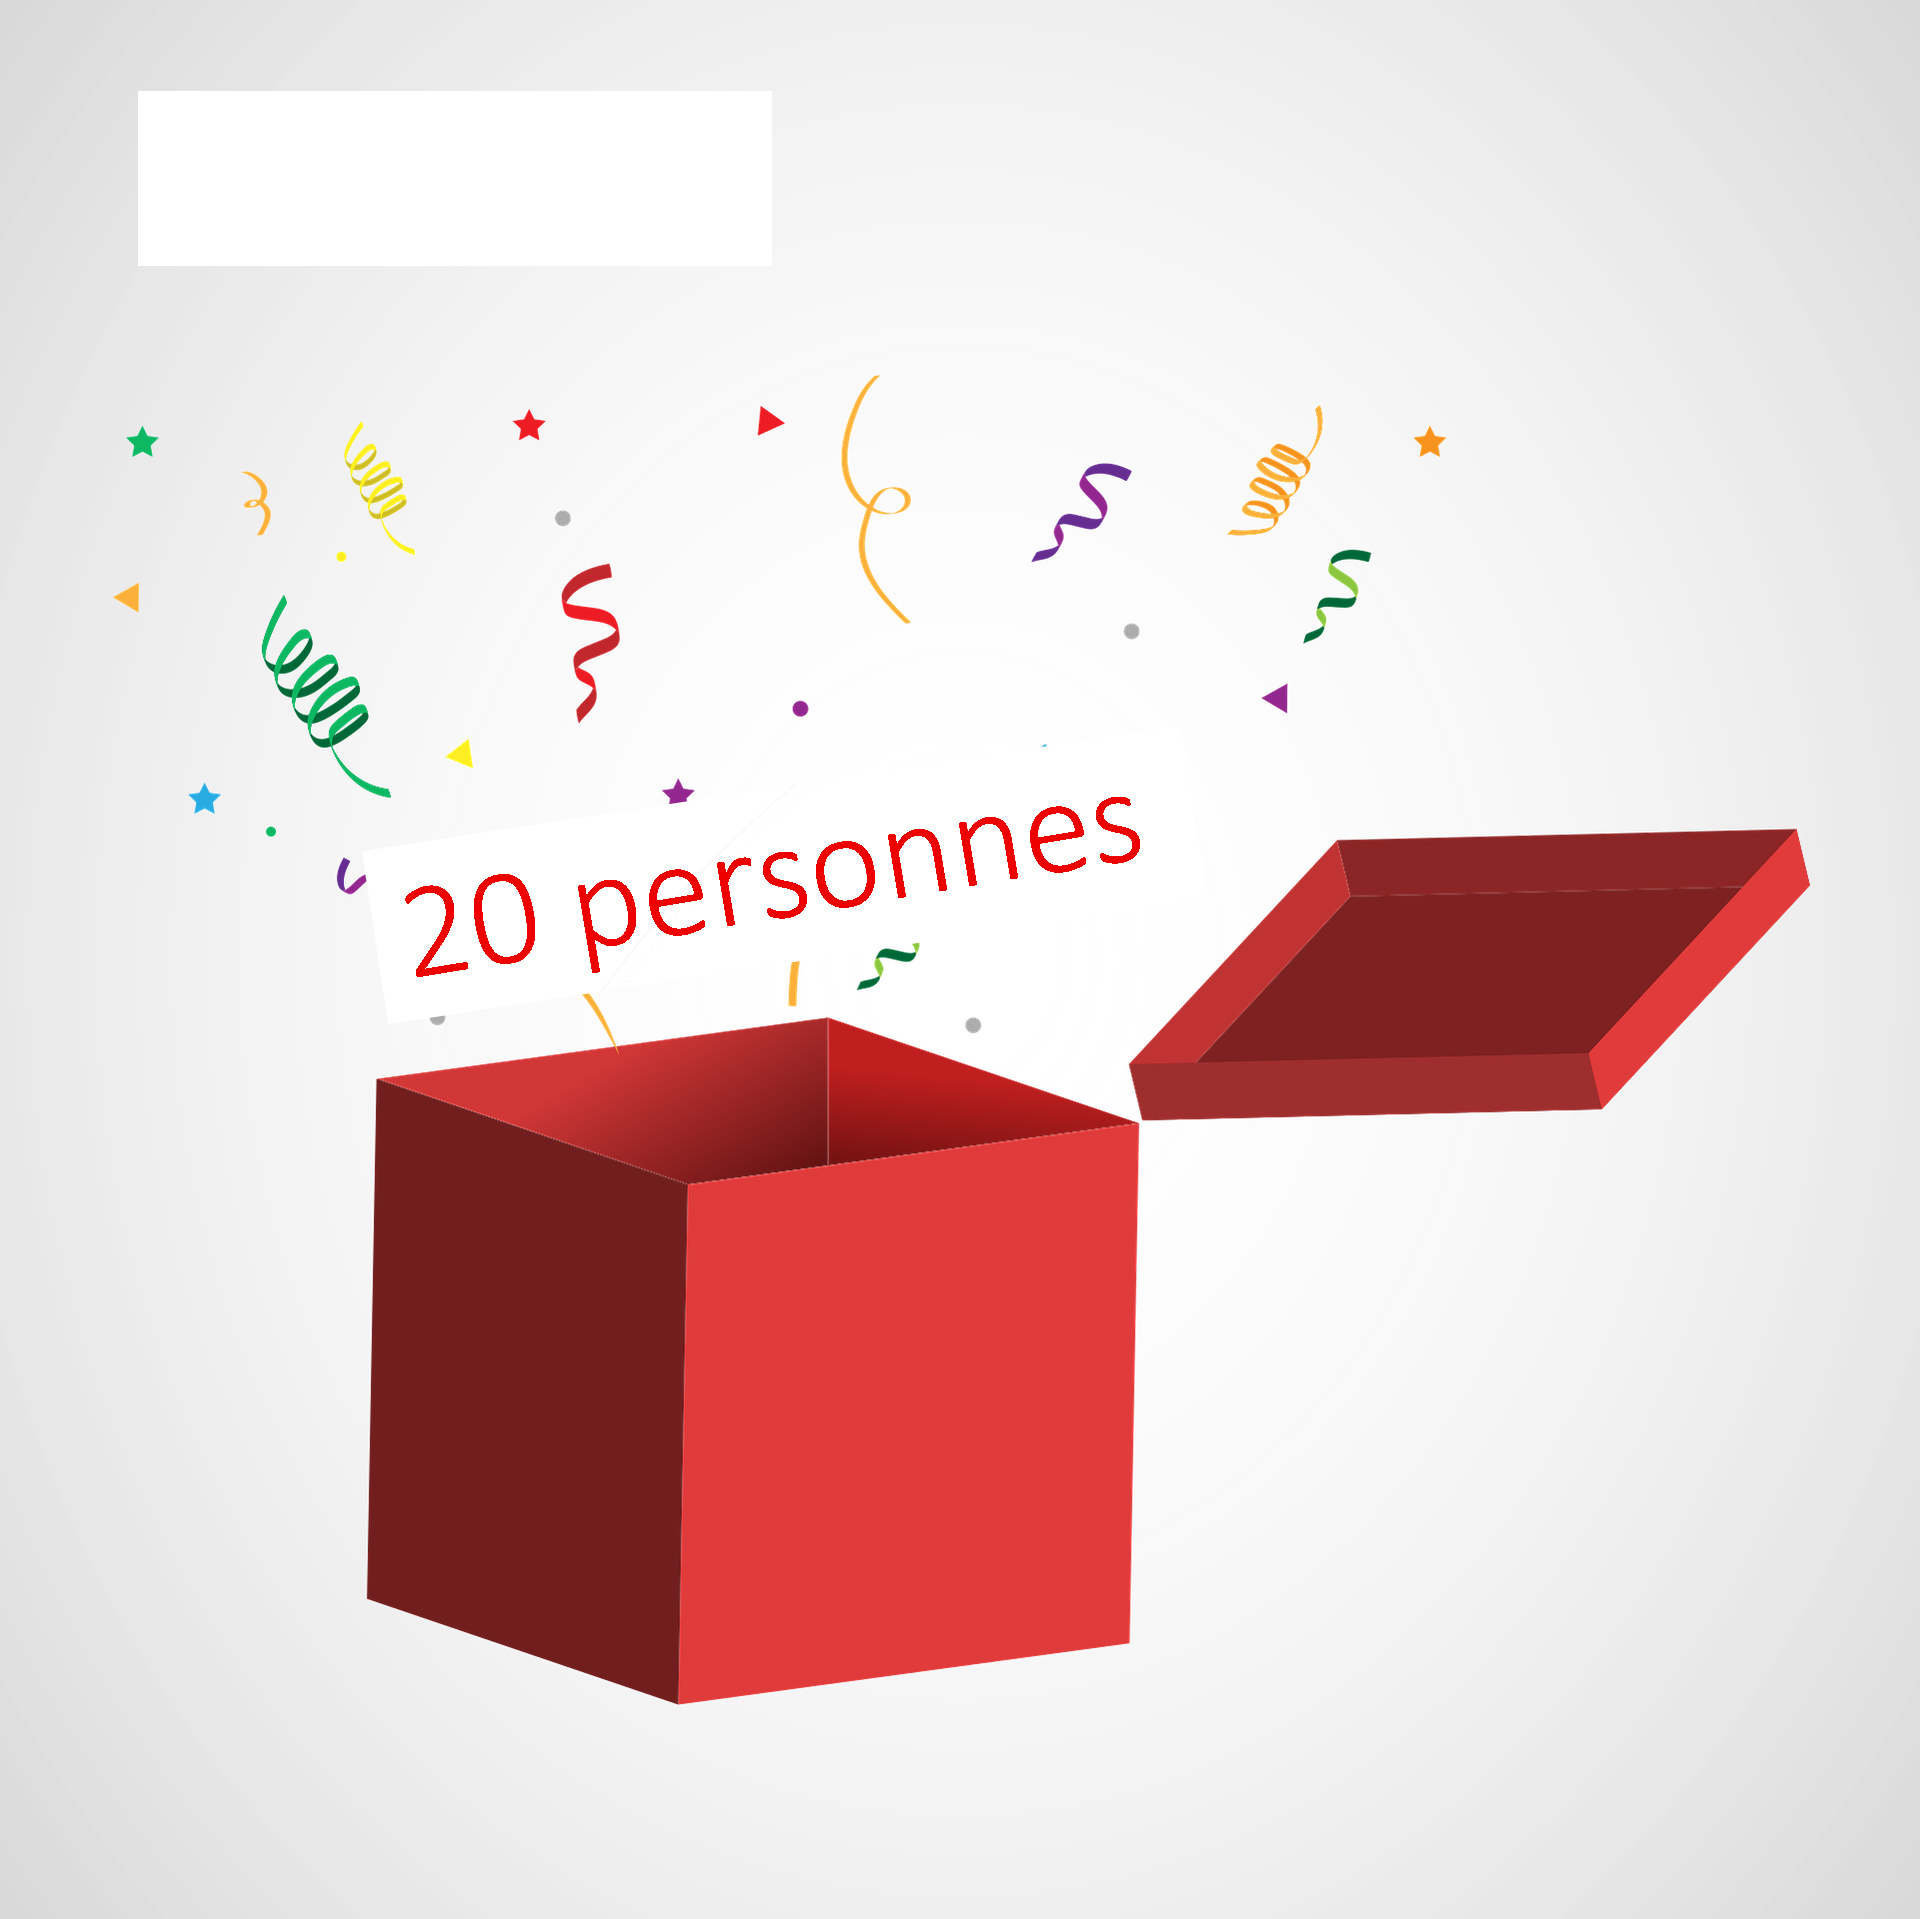 Box 20 Personnes